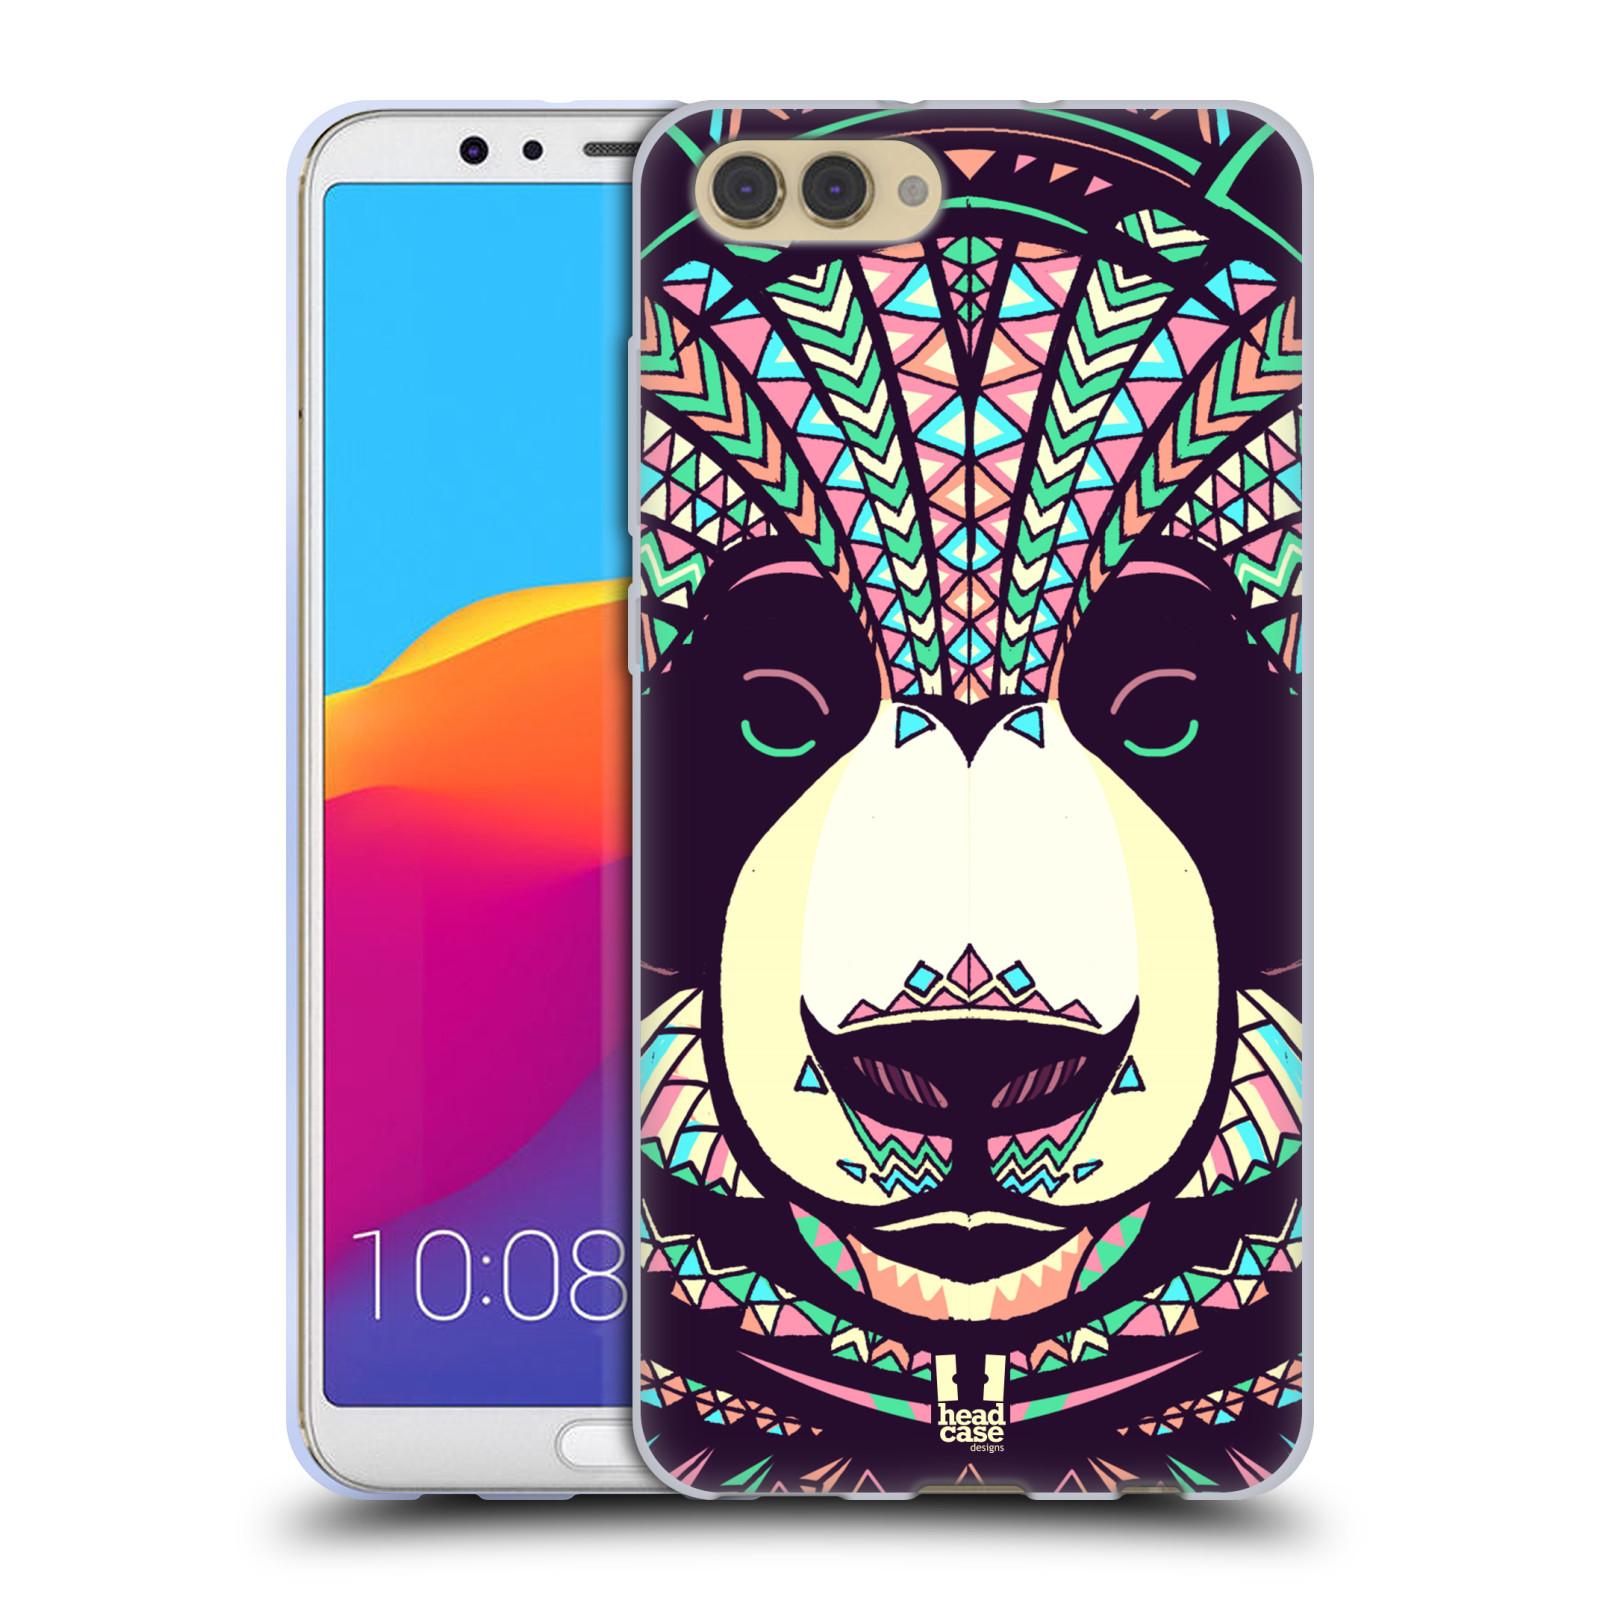 Silikonové pouzdro na mobil Honor View 10 - Head Case - AZTEC PANDA